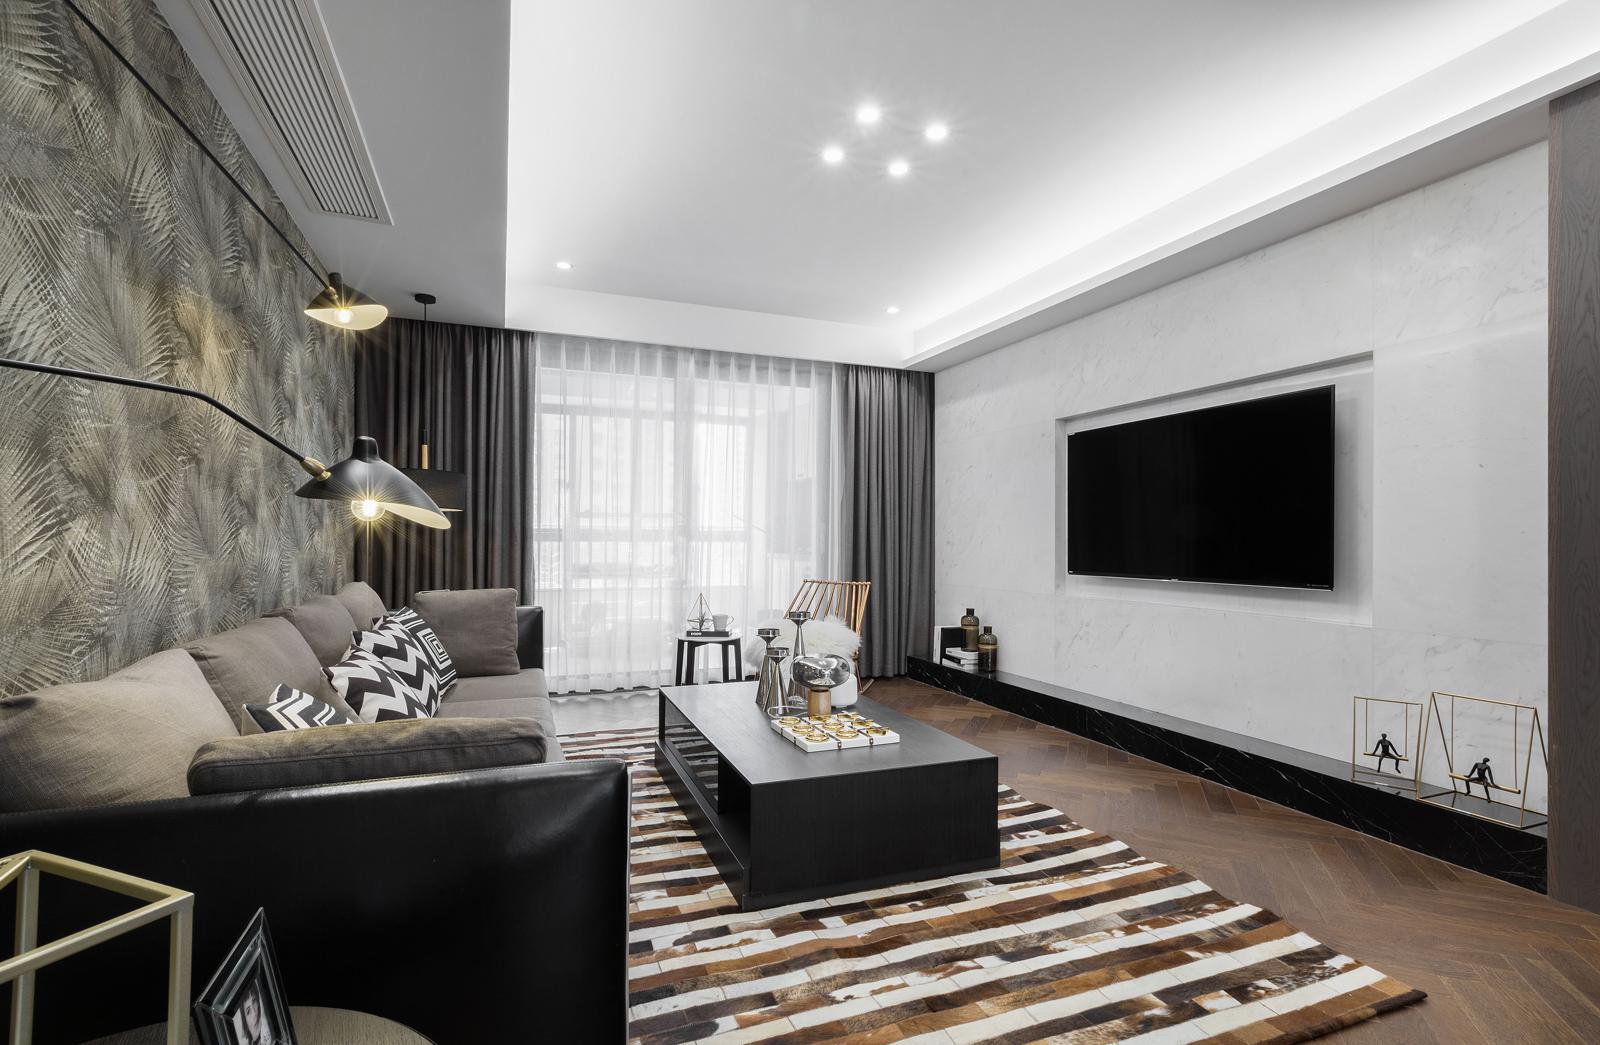 客厅的布艺沙发和小茶几,整个空间的搭配高档优雅,沙发背景墙华丽端庄。